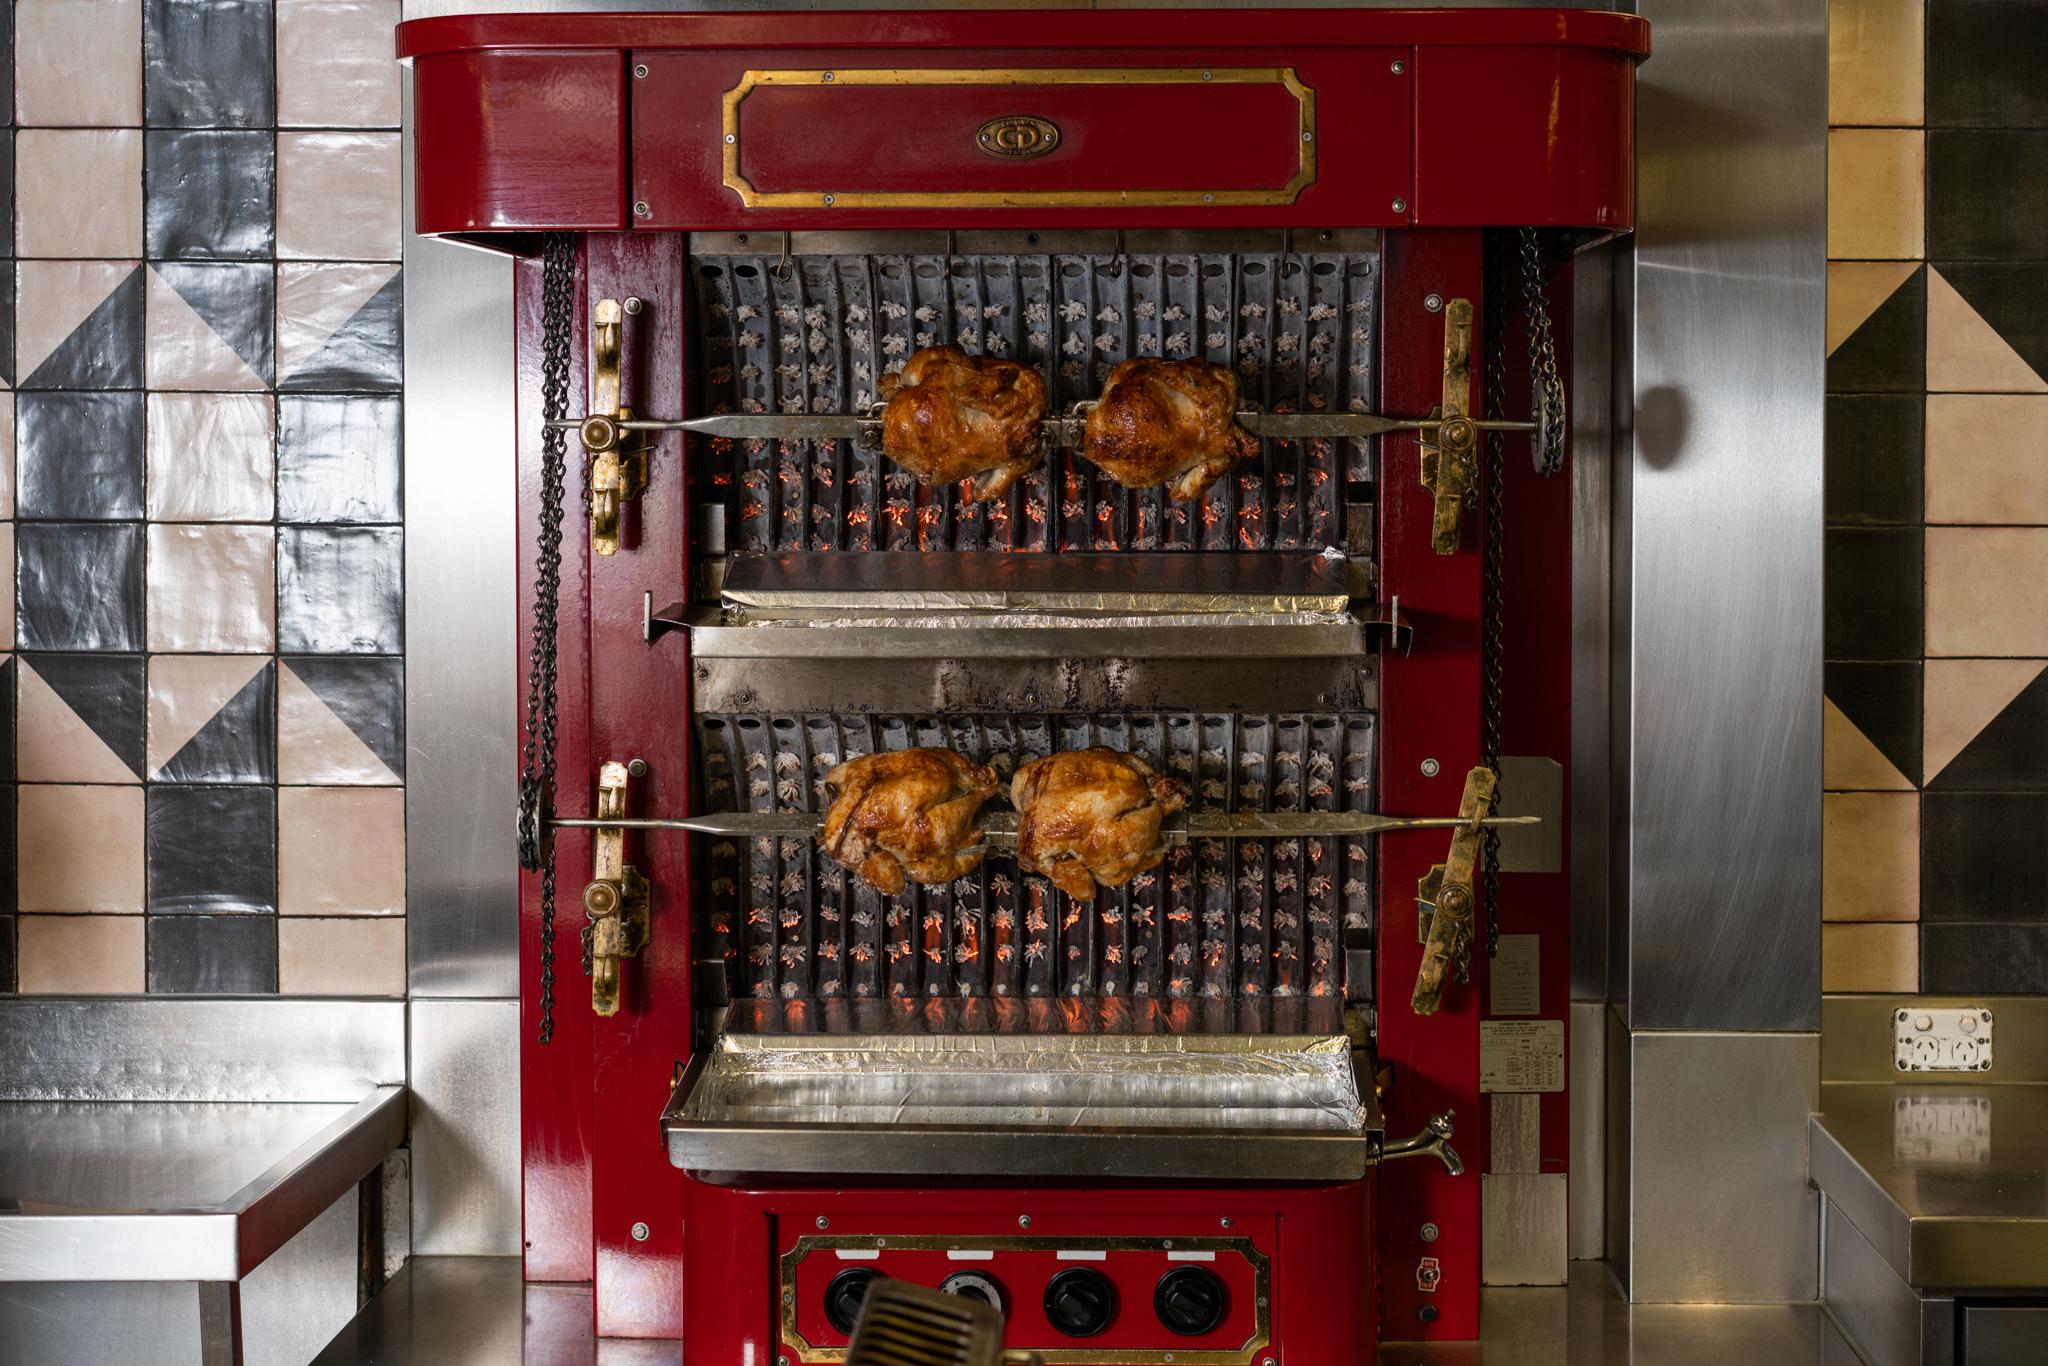 Wednesday night chicken rôtisserie is BACK!